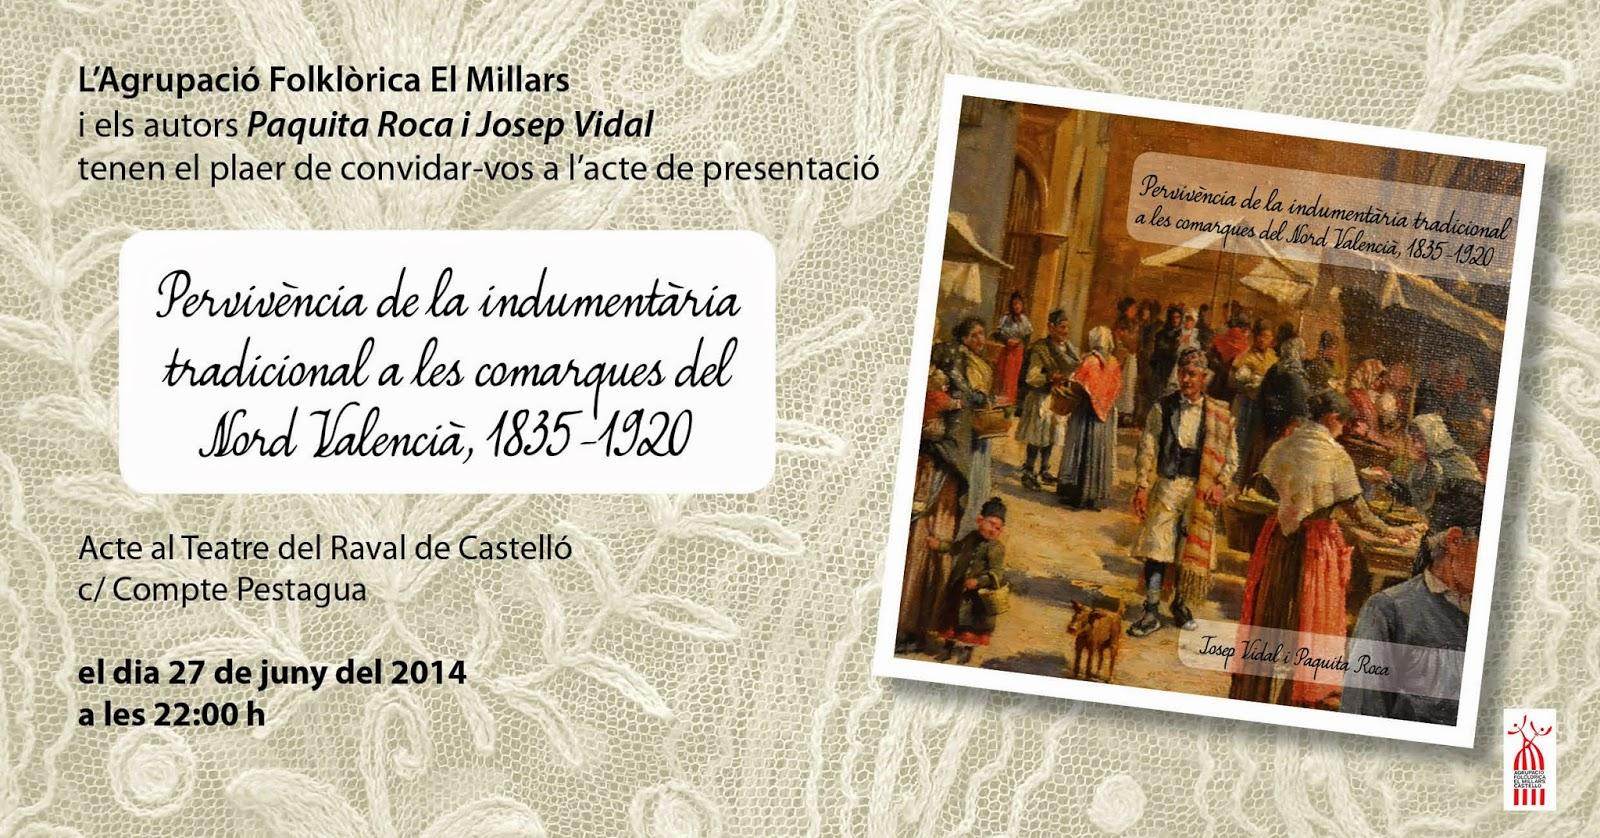 http://www.argot.es/perviv%C3%A8ncia-de-la-indument%C3%A0ria-tradicional-a-les-comarques-del-nord-valenci%C3%A0-1835-1920-venta-30062014-2